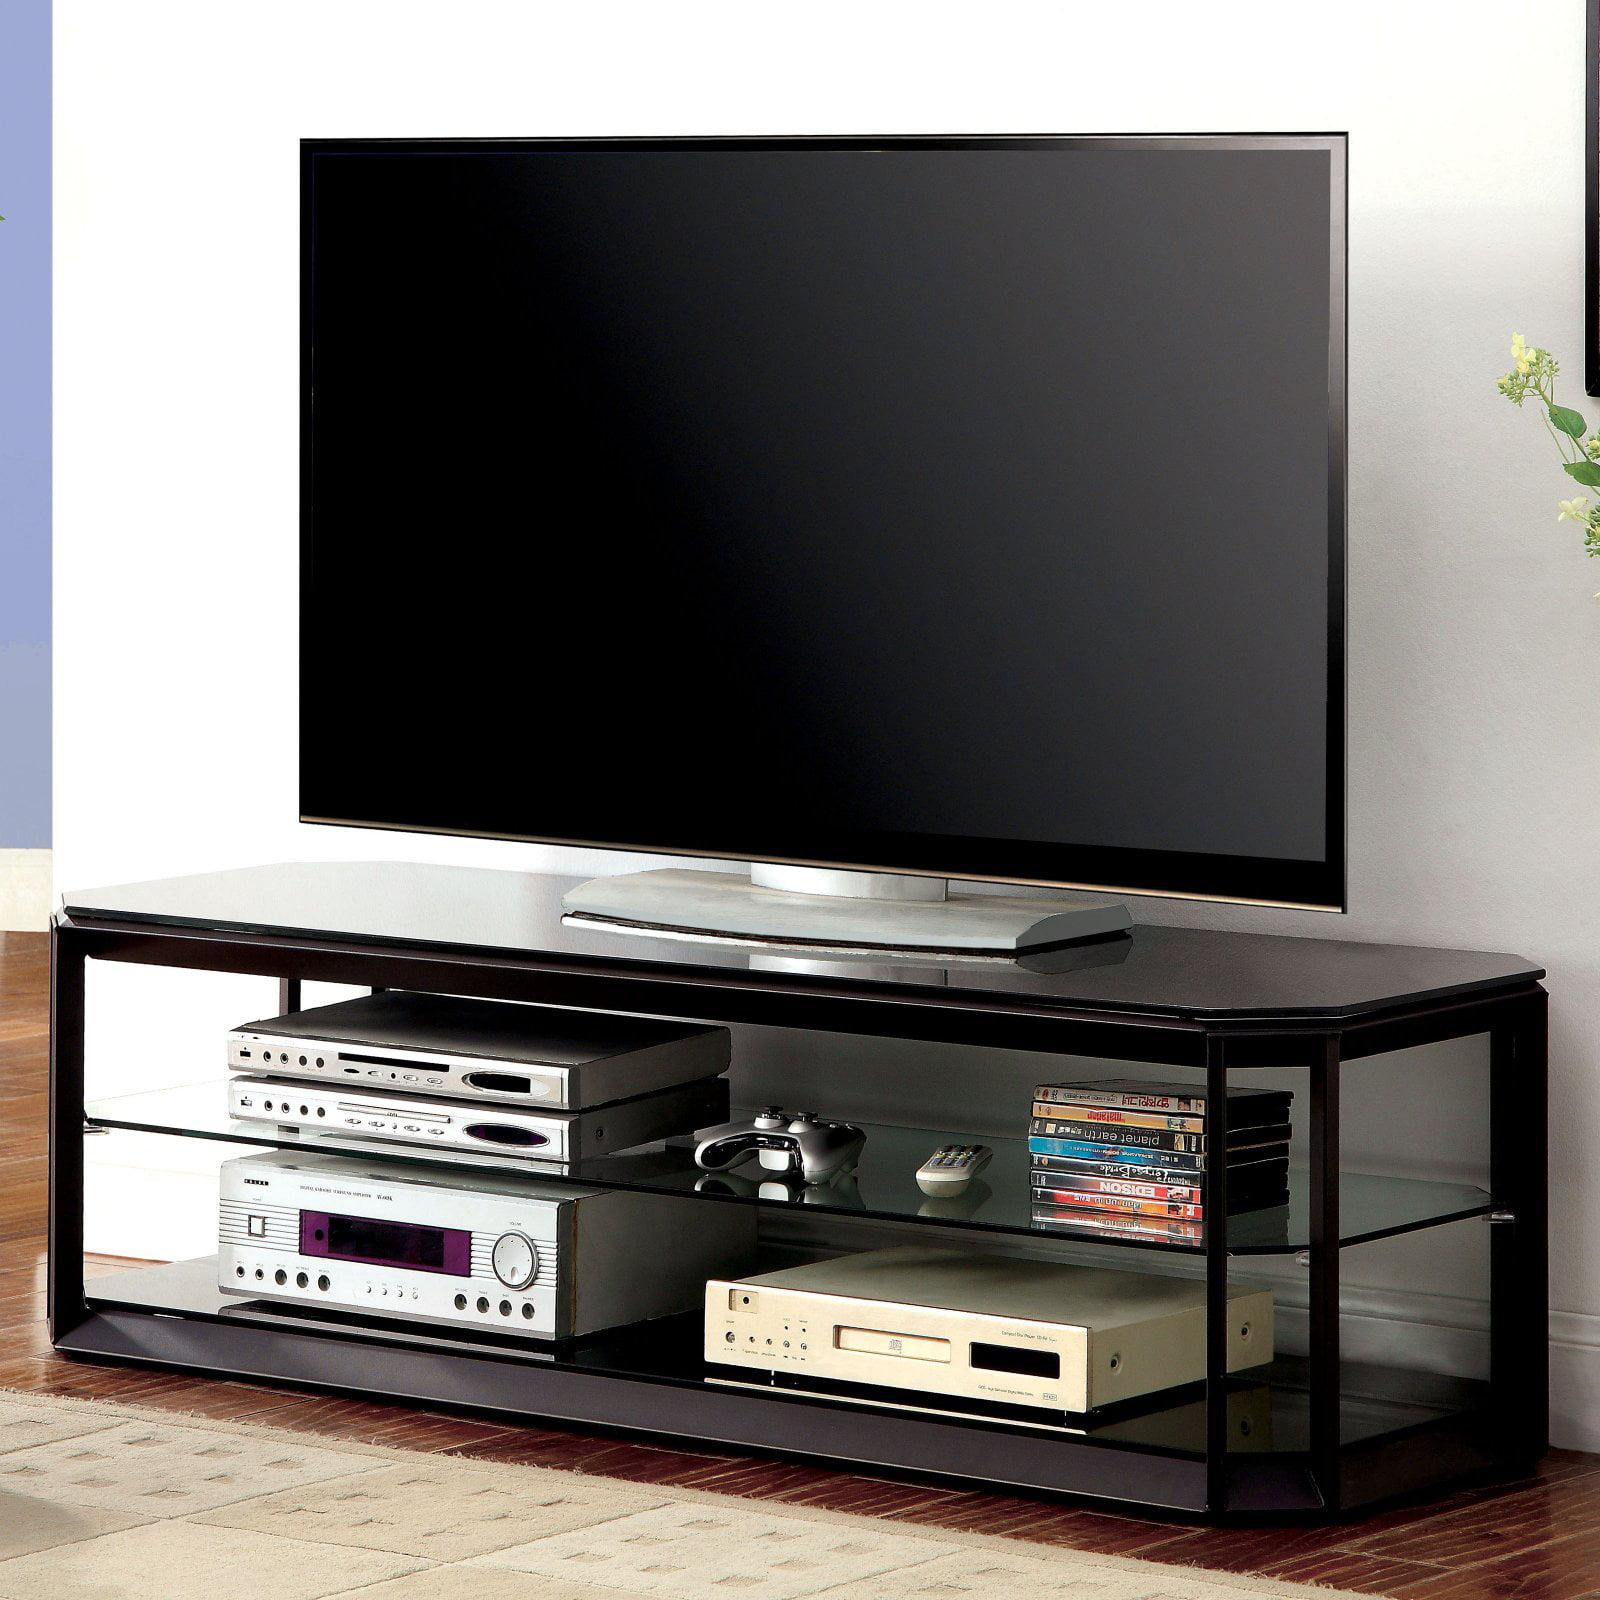 Furniture of America Gallen Contemporary 60 in. TV Console